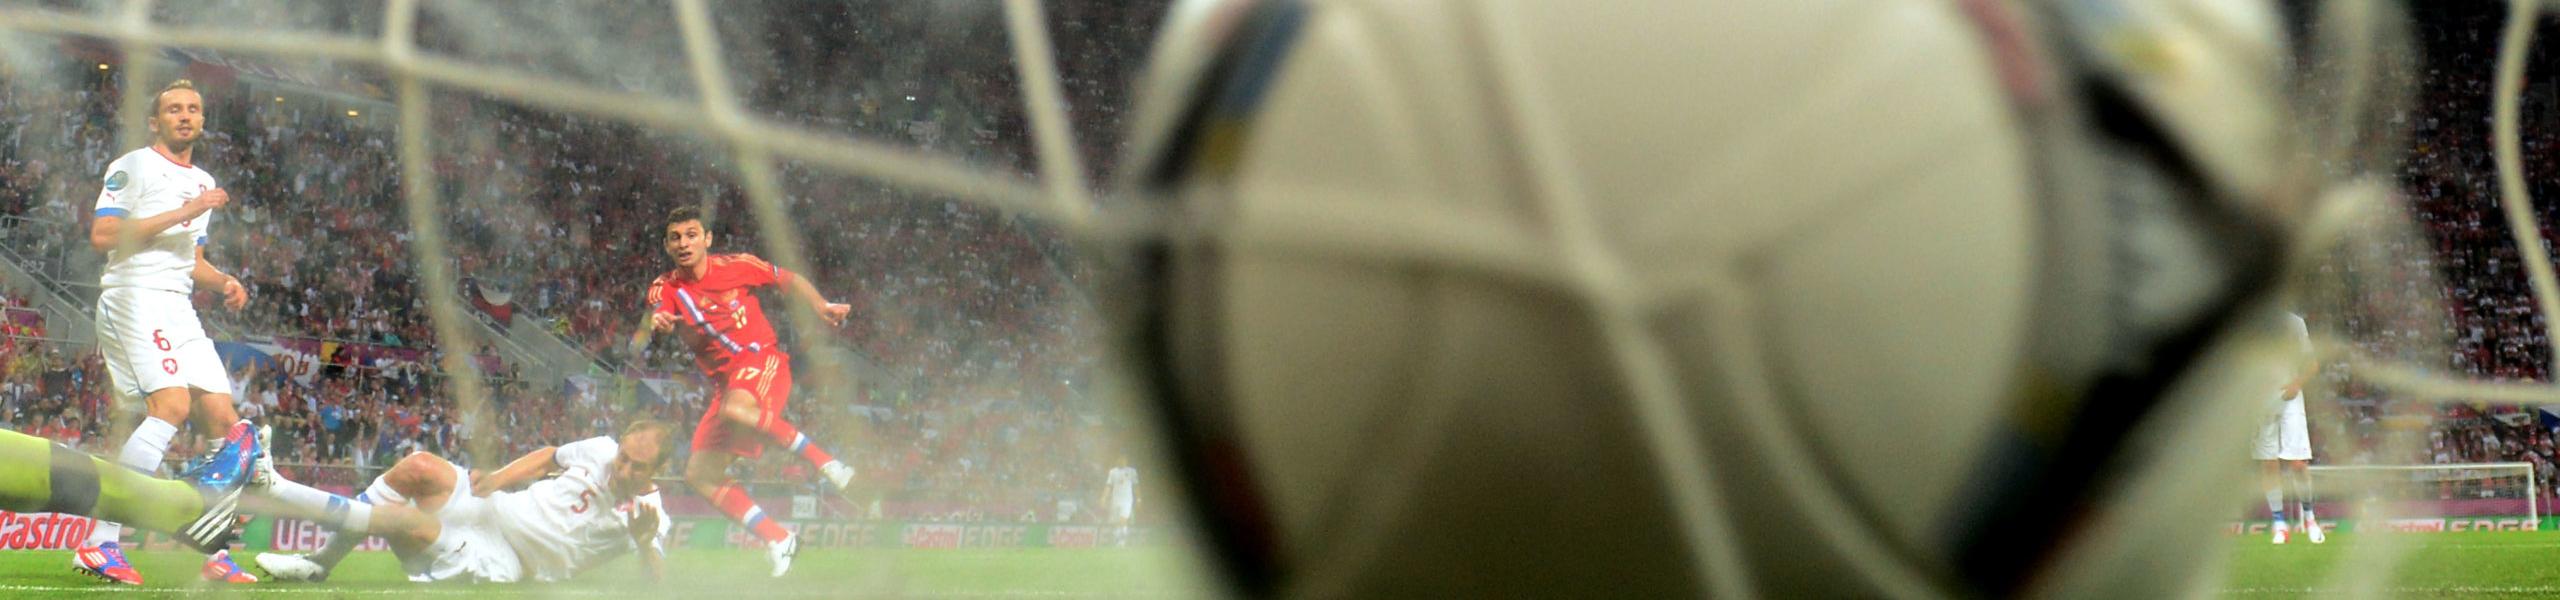 Scommesse sportive, il palinsesto bwin del 27/5/2020: non solo Bundesliga, il mondo nel pallone